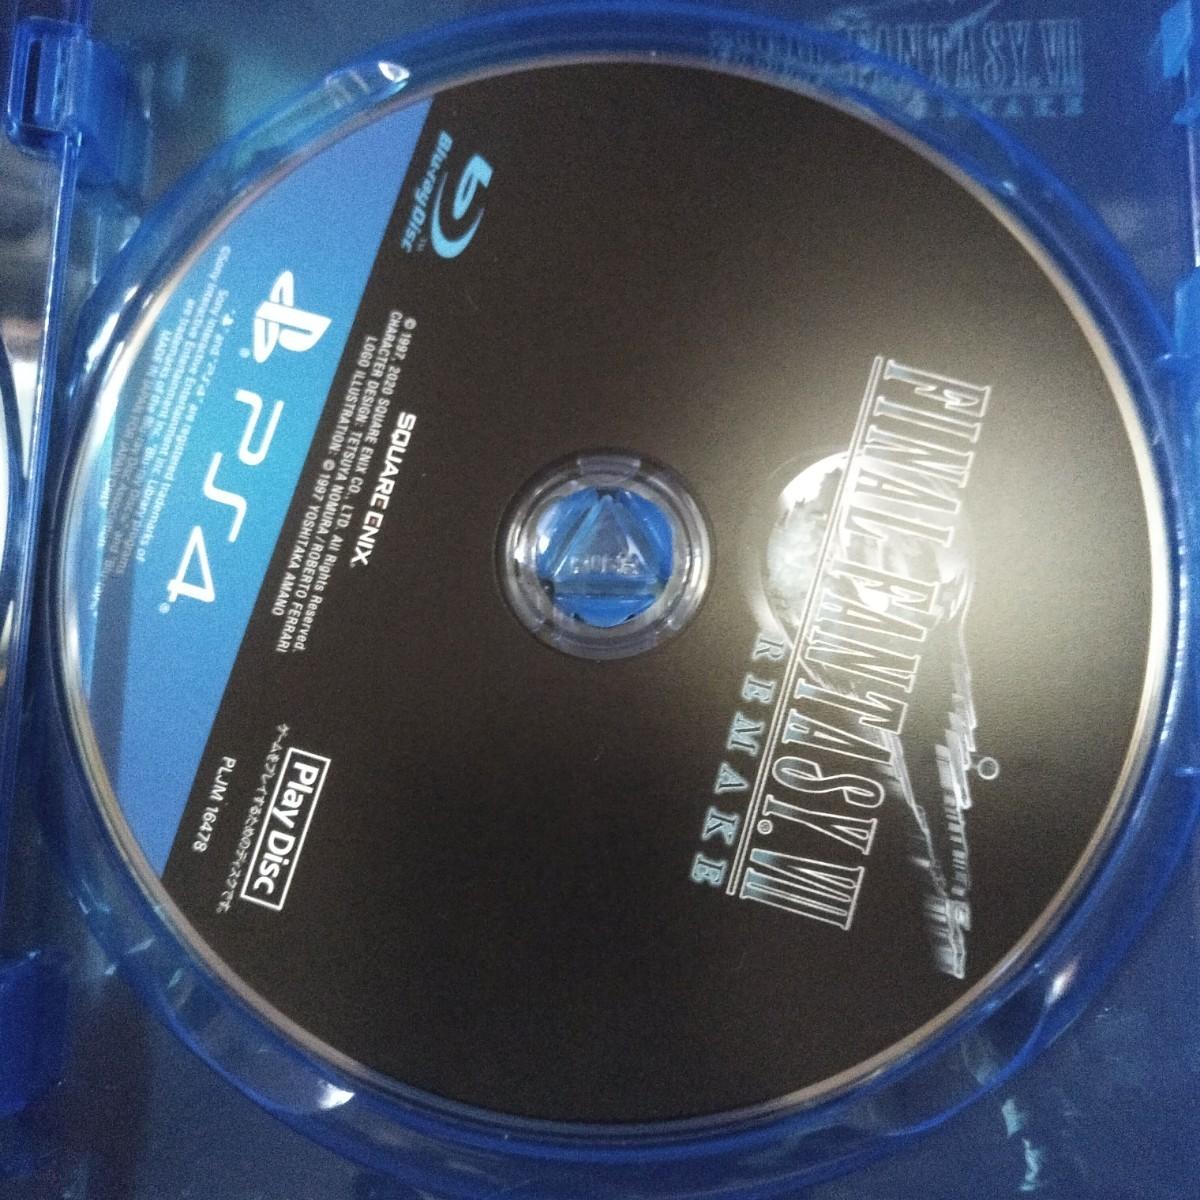 ファイナルファンタジー7 リメイク  PS4 FF7 Ⅶ